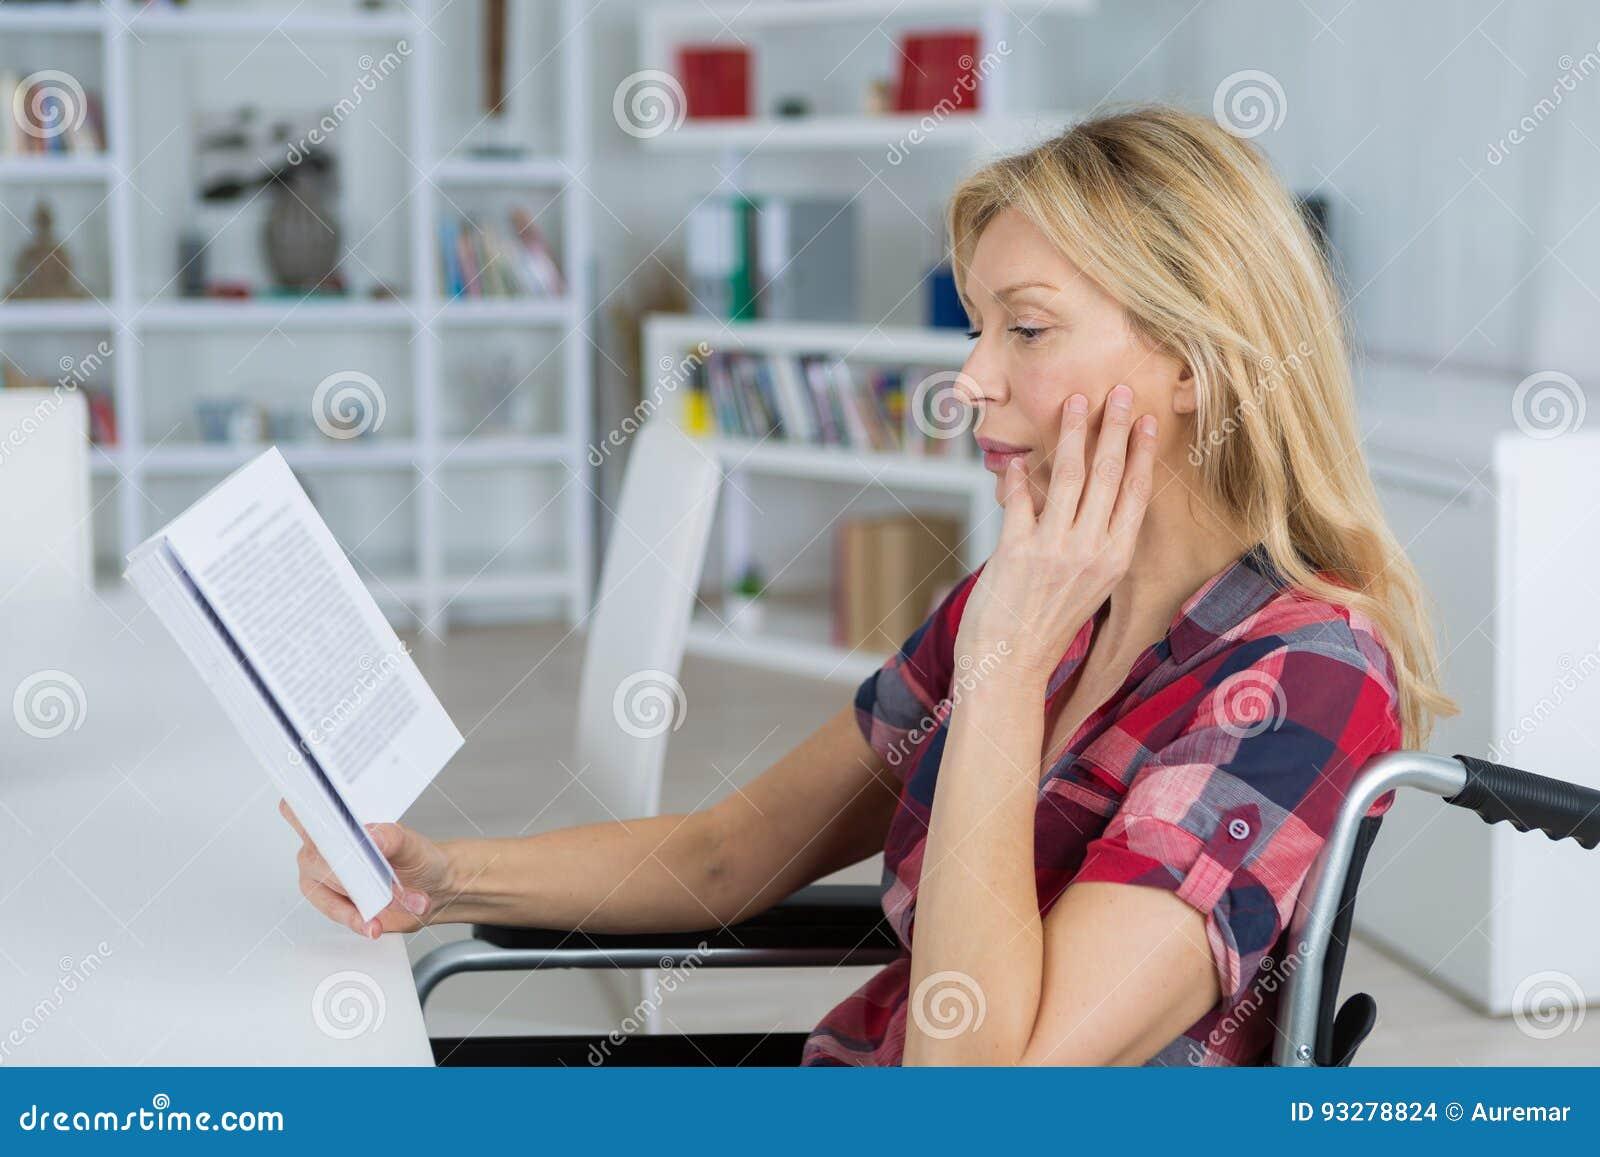 Μυθιστόρημα ανάγνωσης με ειδικές ανάγκες γυναικών